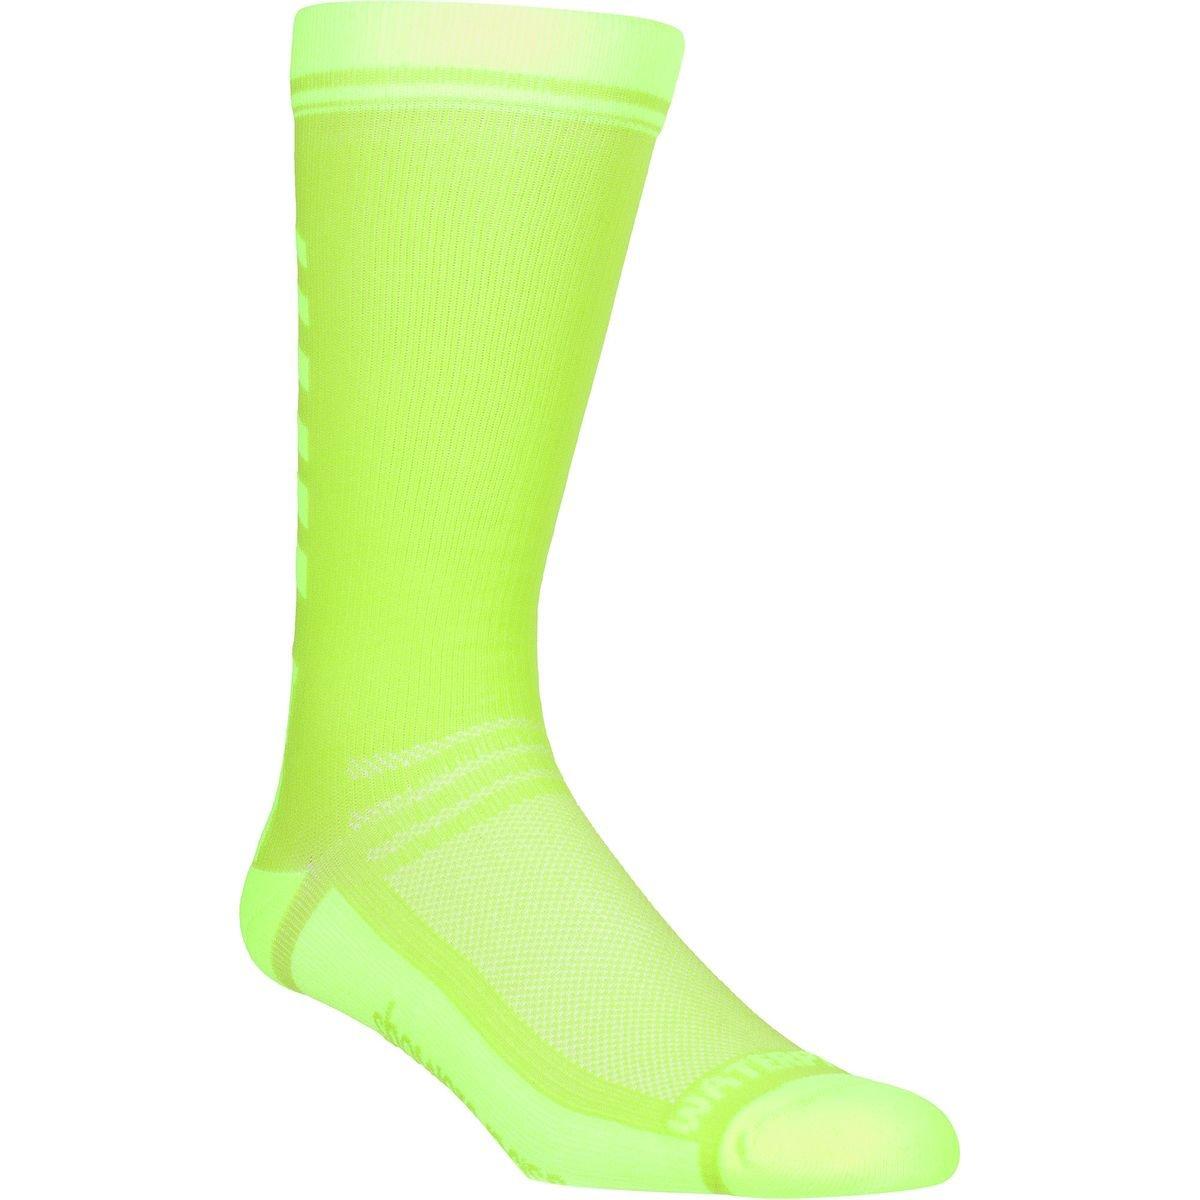 Showers Pass Crosspoint防水軽量Sock B076ZYNTN3 3L|ネオン(Neon) ネオン(Neon) 3L